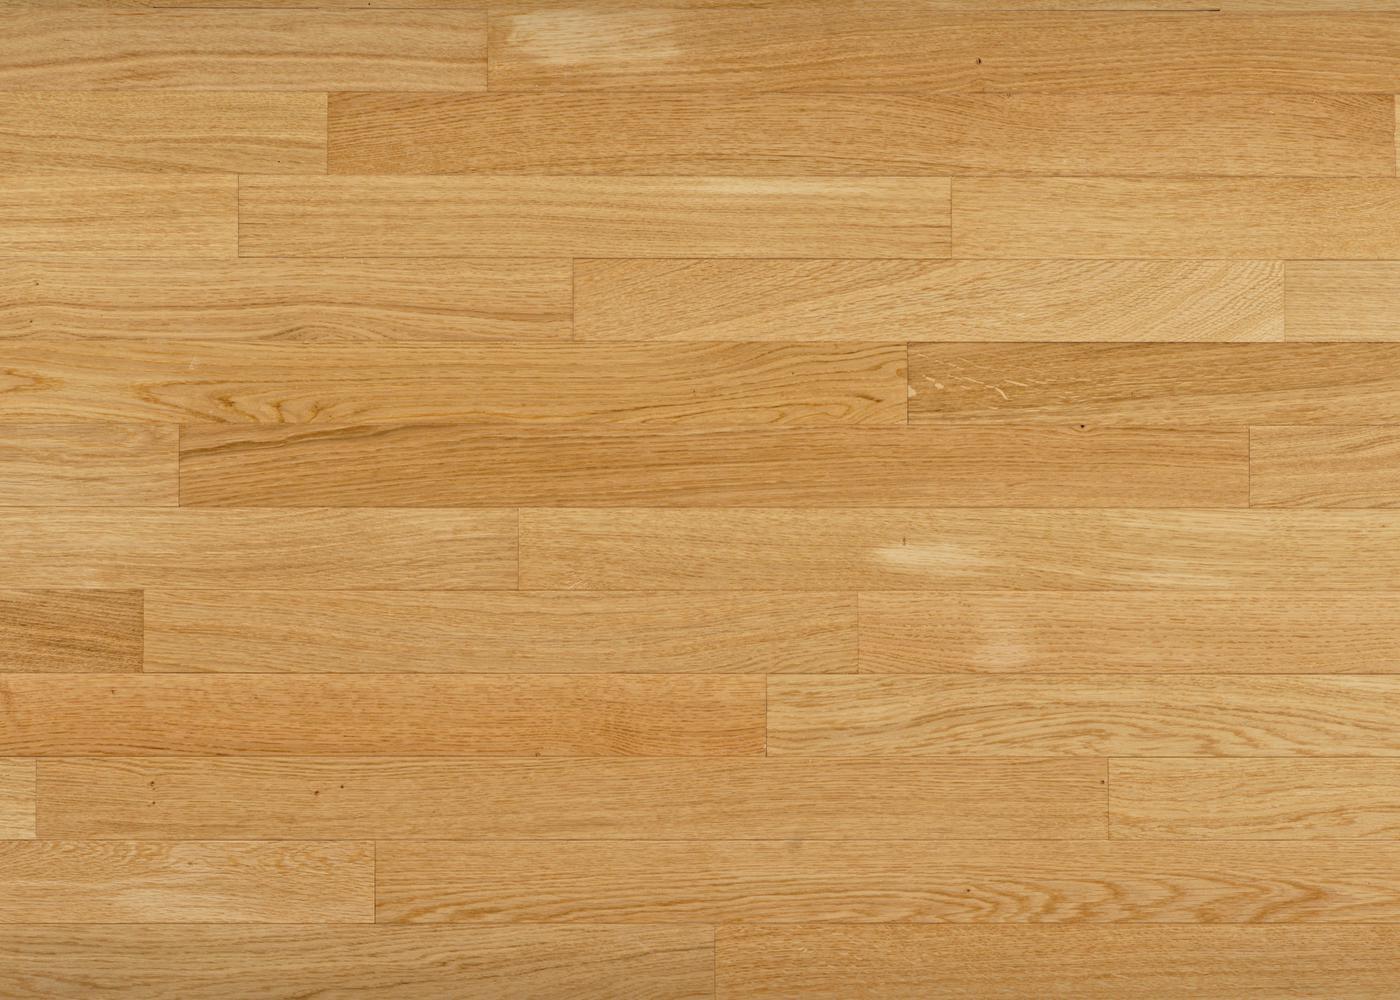 Parquet chêne massif vernis mat Premier NF 14x70x350-1400